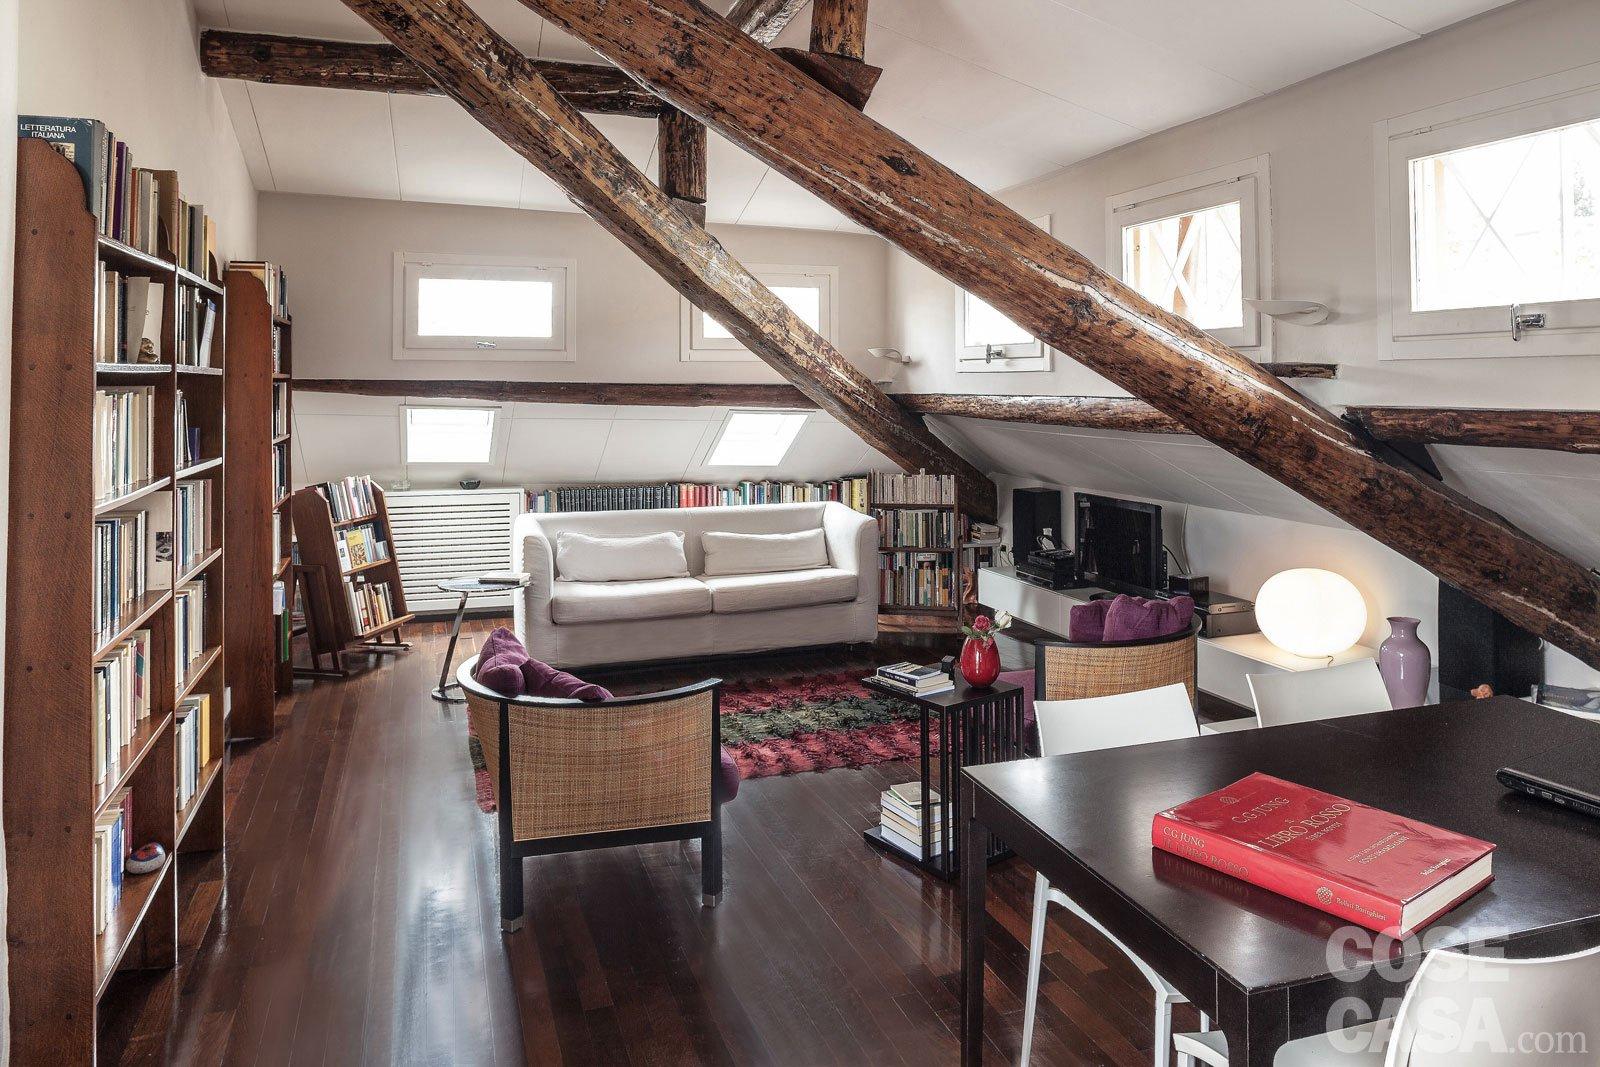 67 mq la mansarda con travi in legno cose di casa for Lucernario mansarda